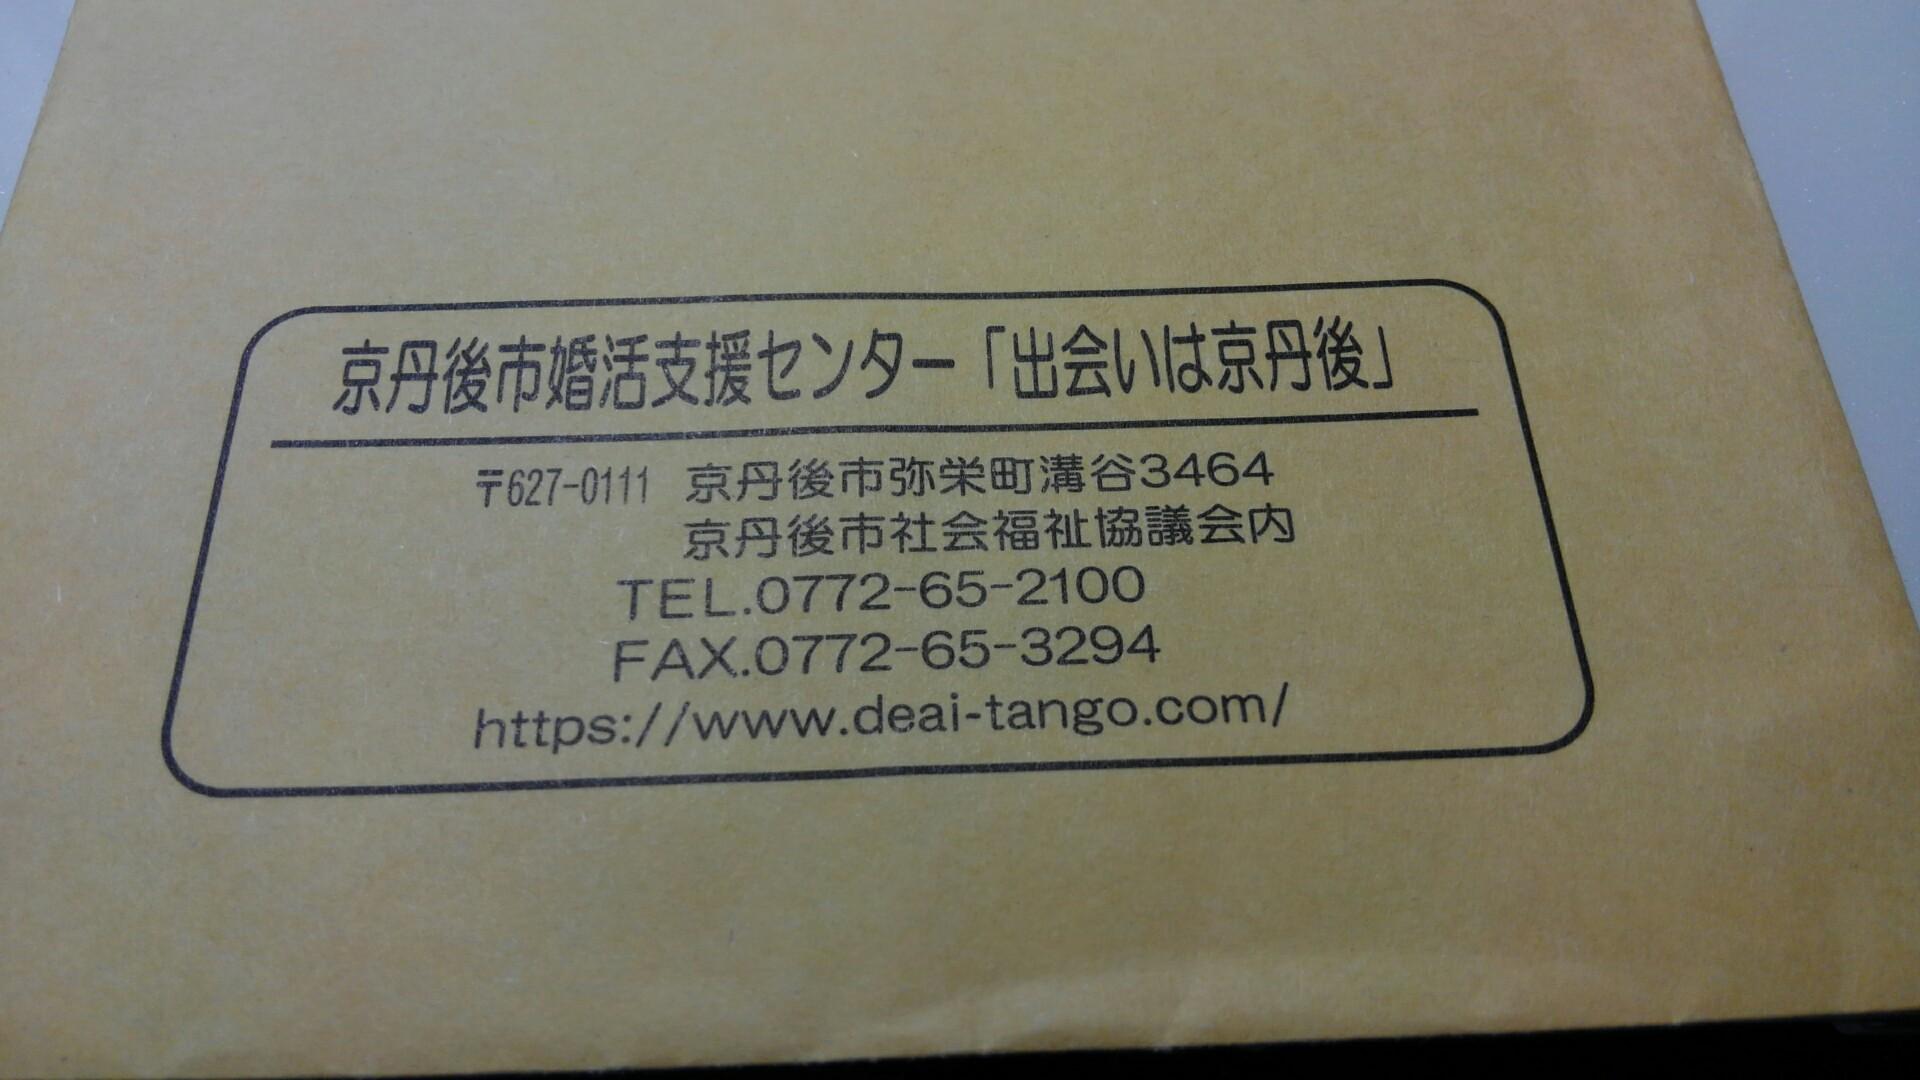 京丹後市婚活支援センター「出会いは京丹後」から婚活ファシリテーター新任研修講演の依頼を承りました。💕